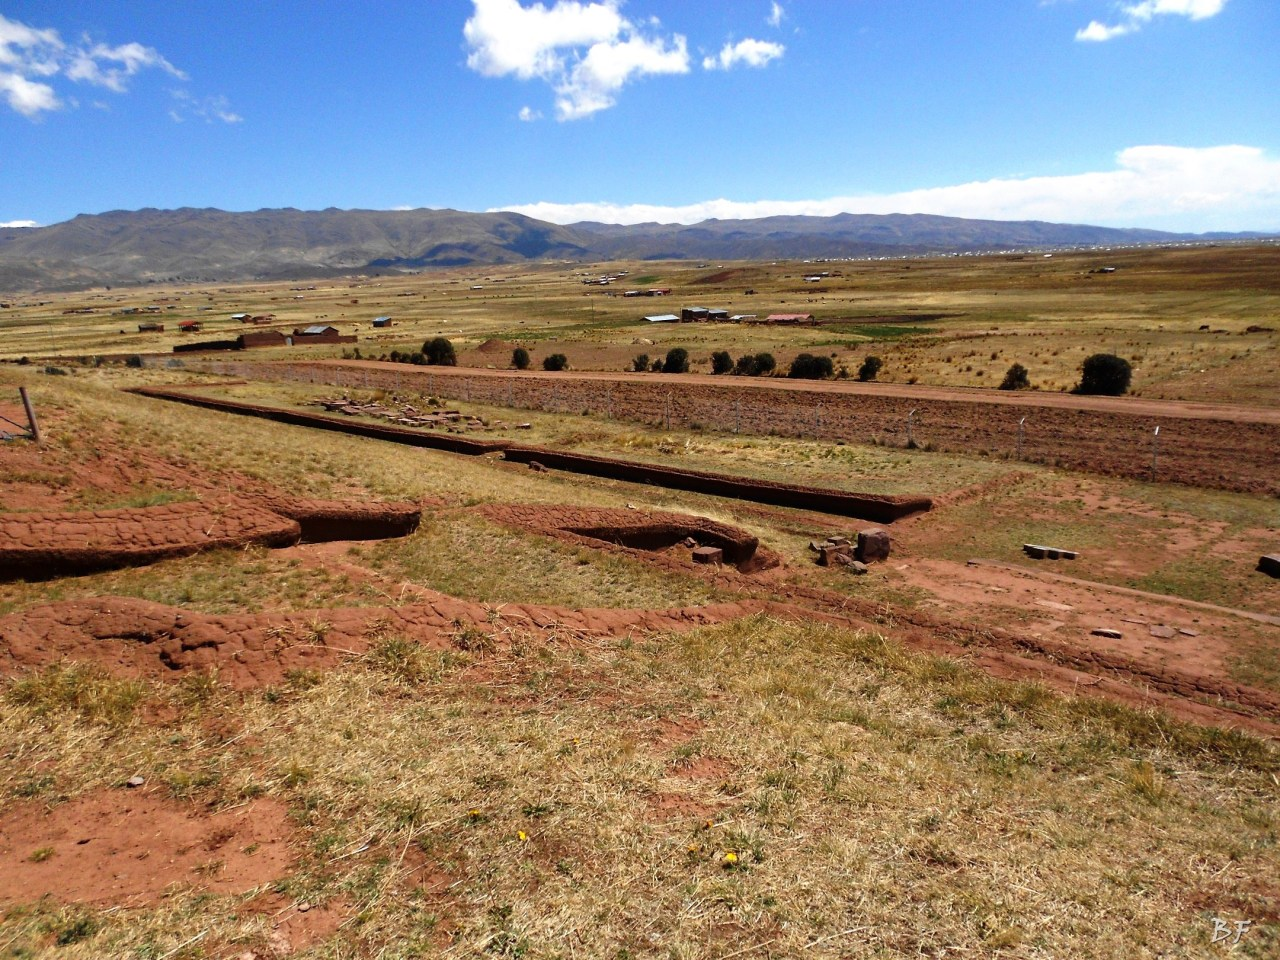 Puma-Punku-Area-Megalitica-Mura-Poligonali-Megaliti-Tiwanaku-Tiahuanaco-Bolivia-18